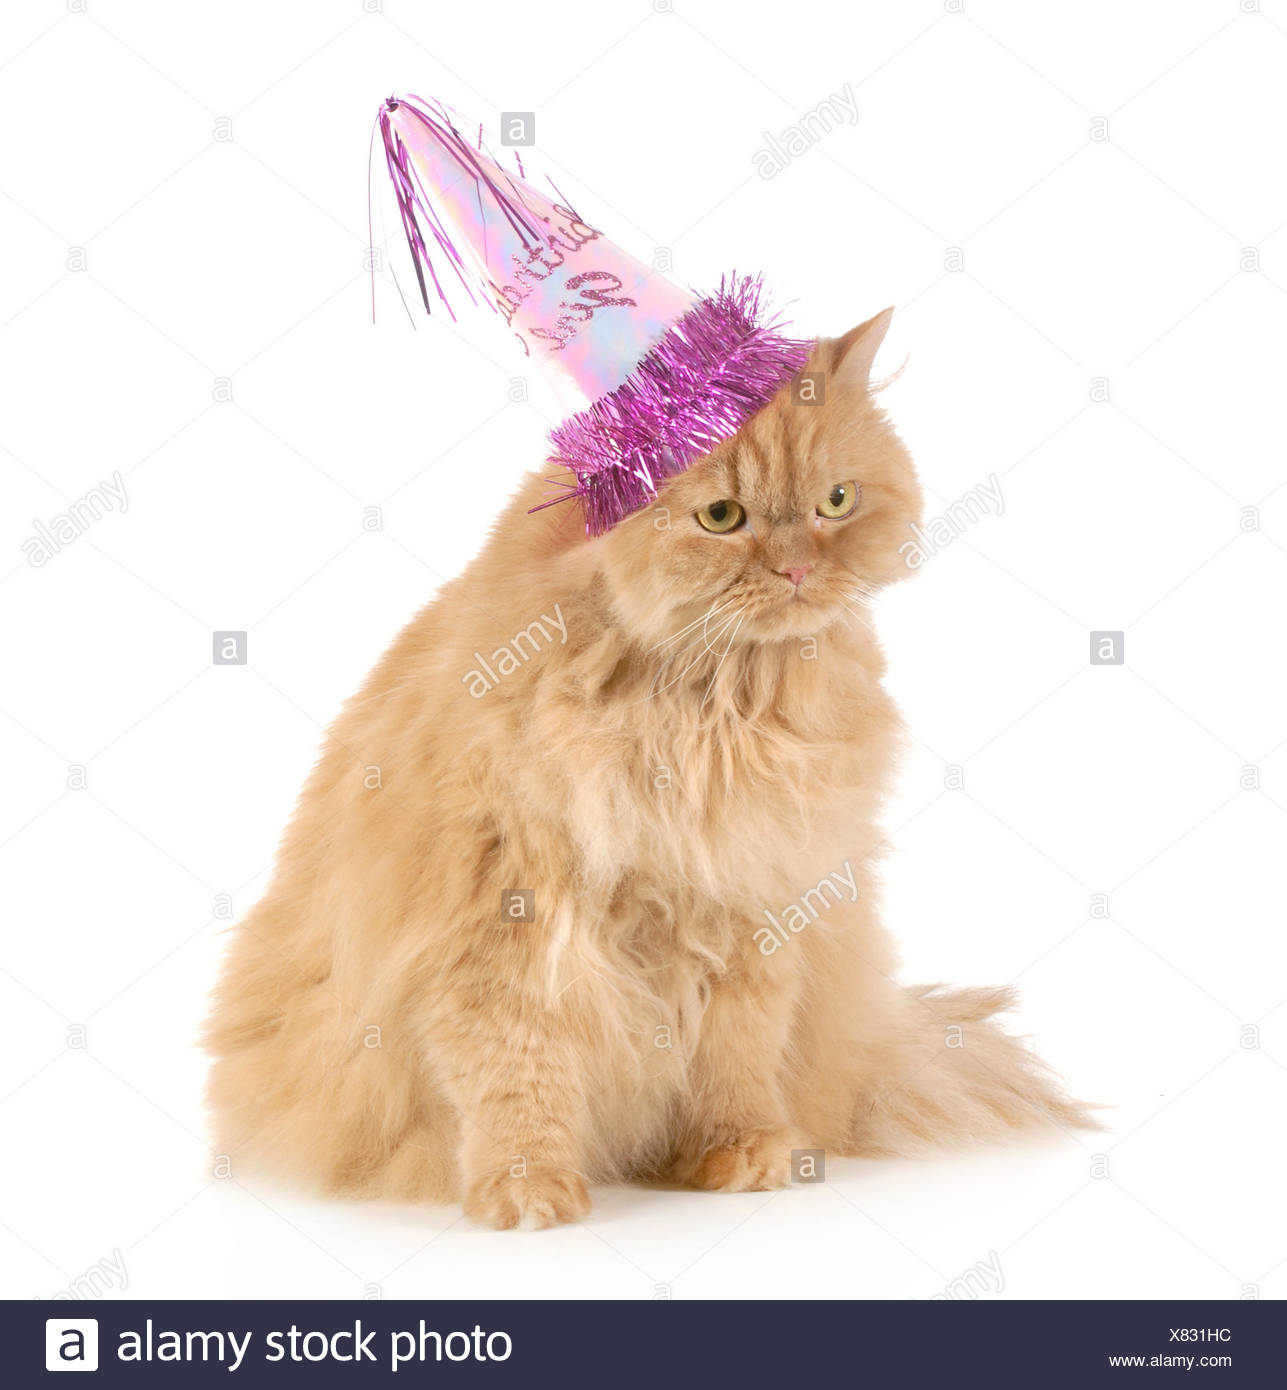 Geburtstag Katze Tragen Partyhut Isoliert Auf Weissem Hintergrund